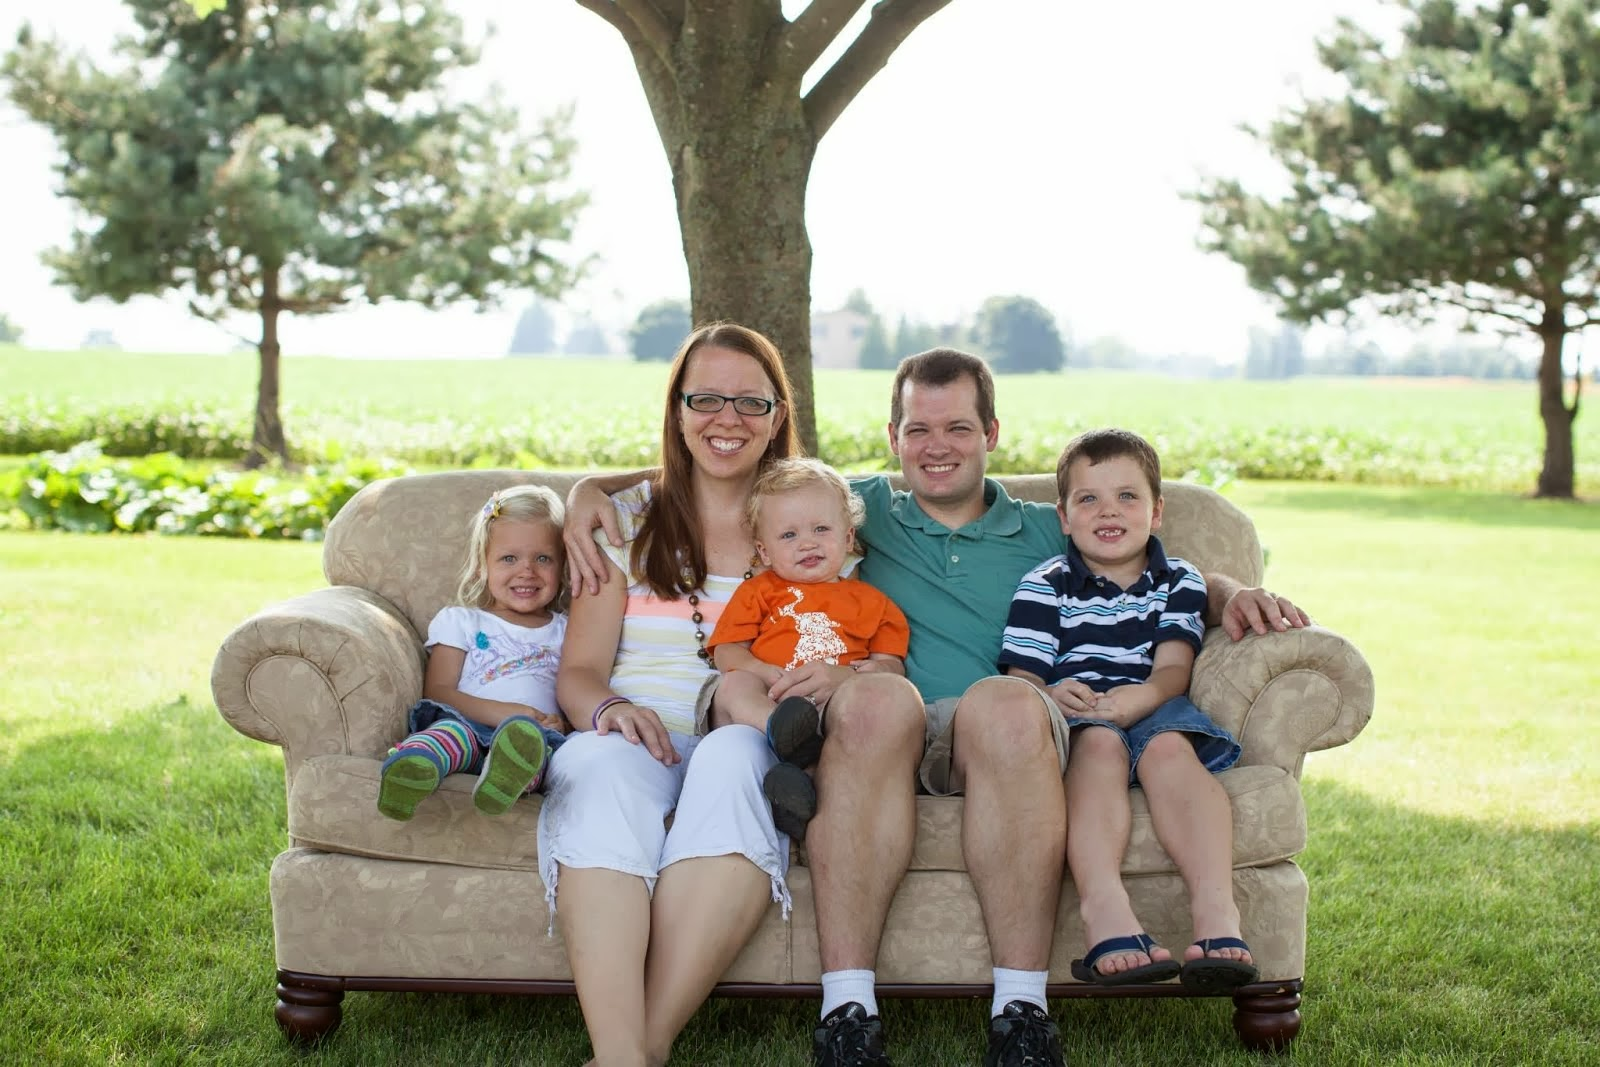 Philip & Joia, Keenan, Moriah, Caleb